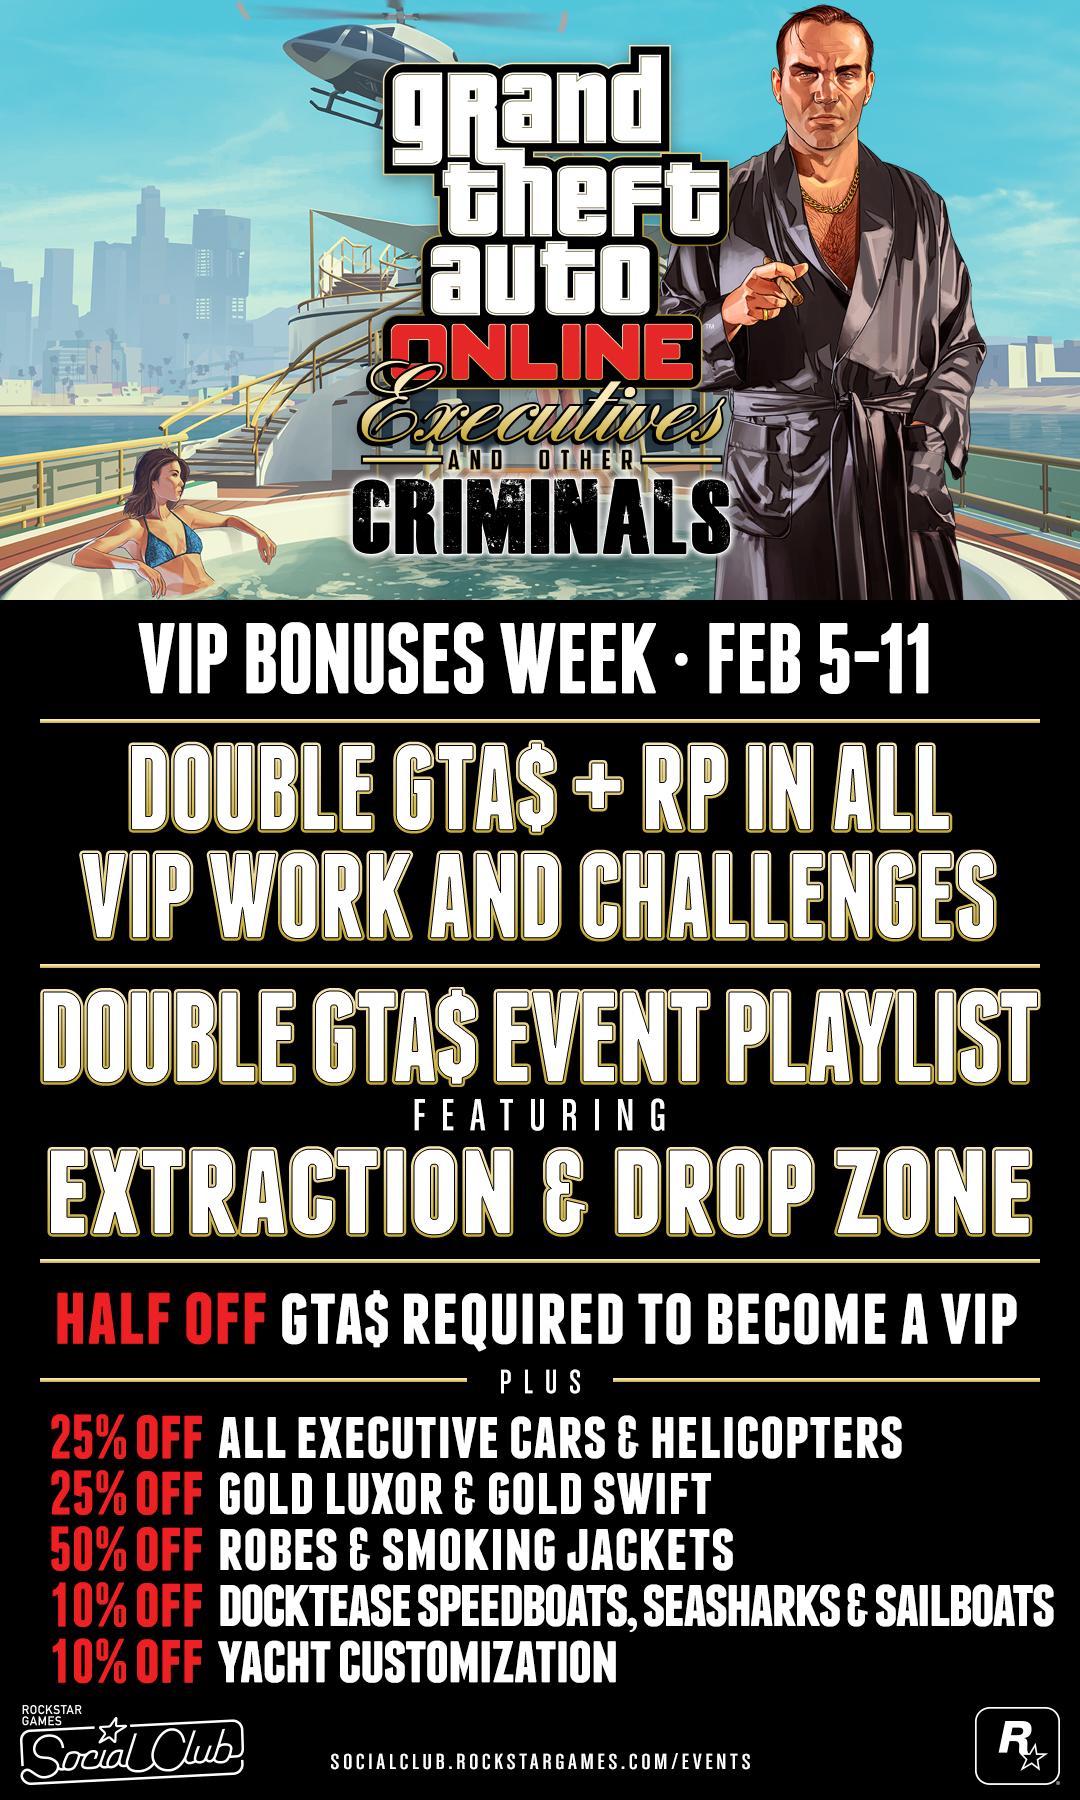 VIP bonuses week